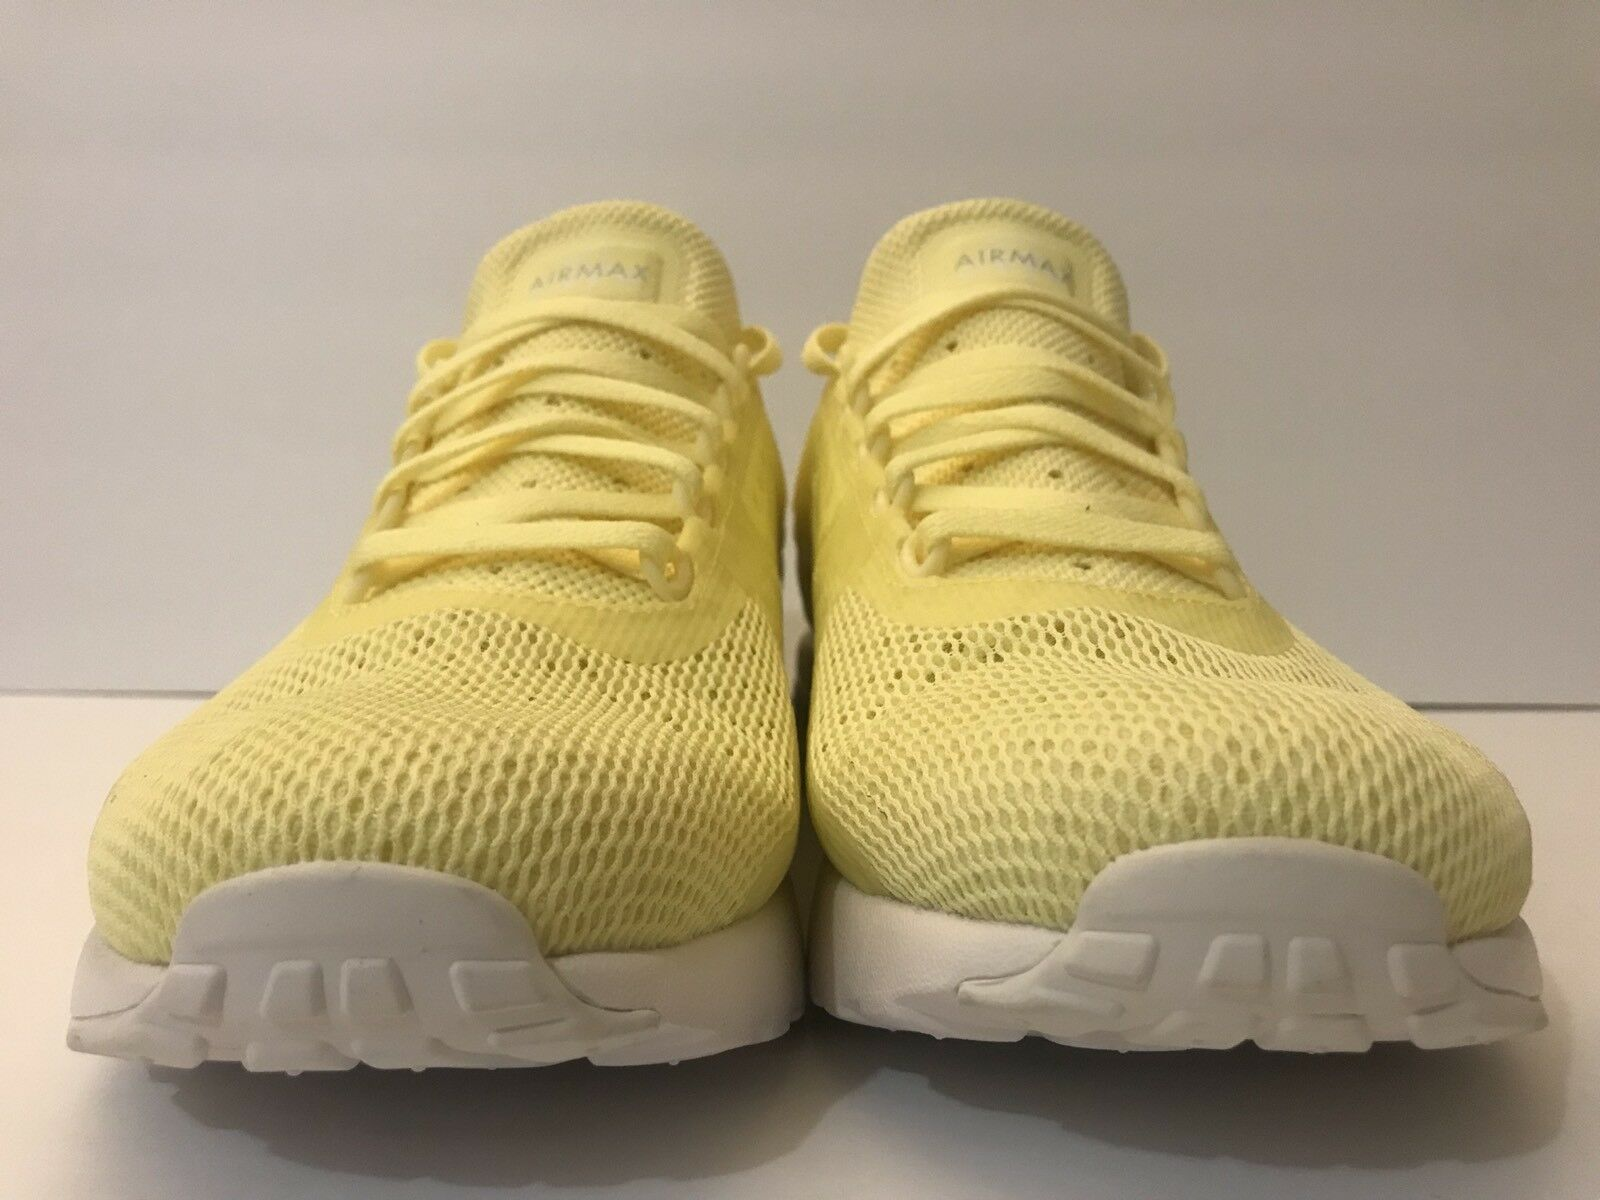 reputable site 2a635 50546 ... Nike Air Air Air Max ZERO BR Breathe Lemon Chiffon Yellow White 903892  ...